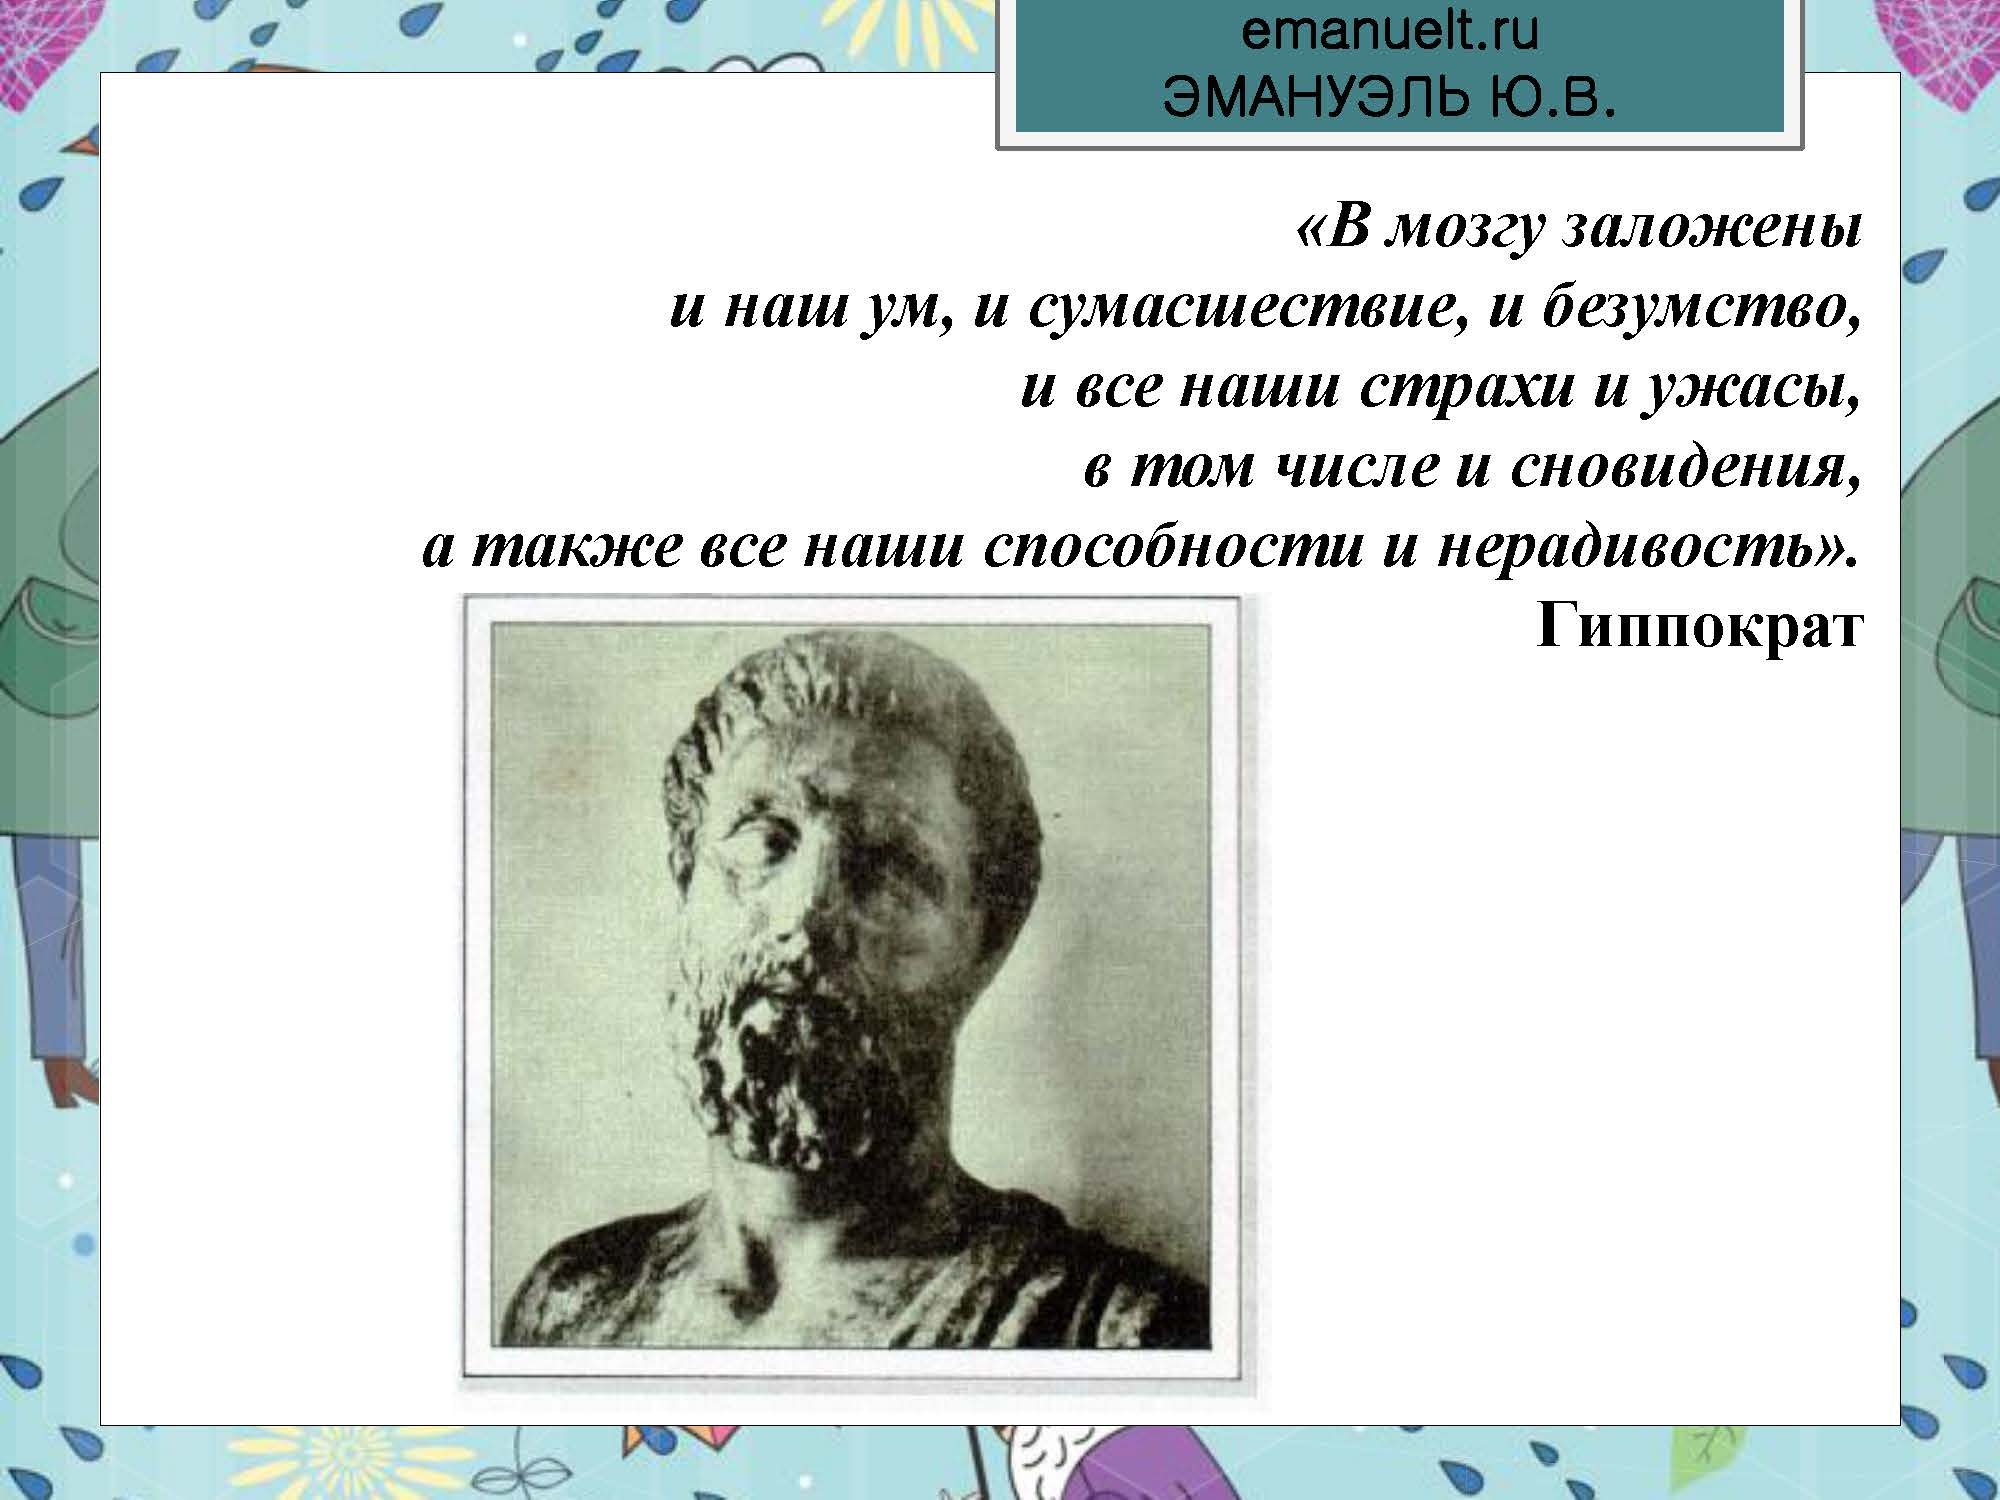 Секция 8. ЭЮВ. СПбГМУ.  26.03_Страница_02